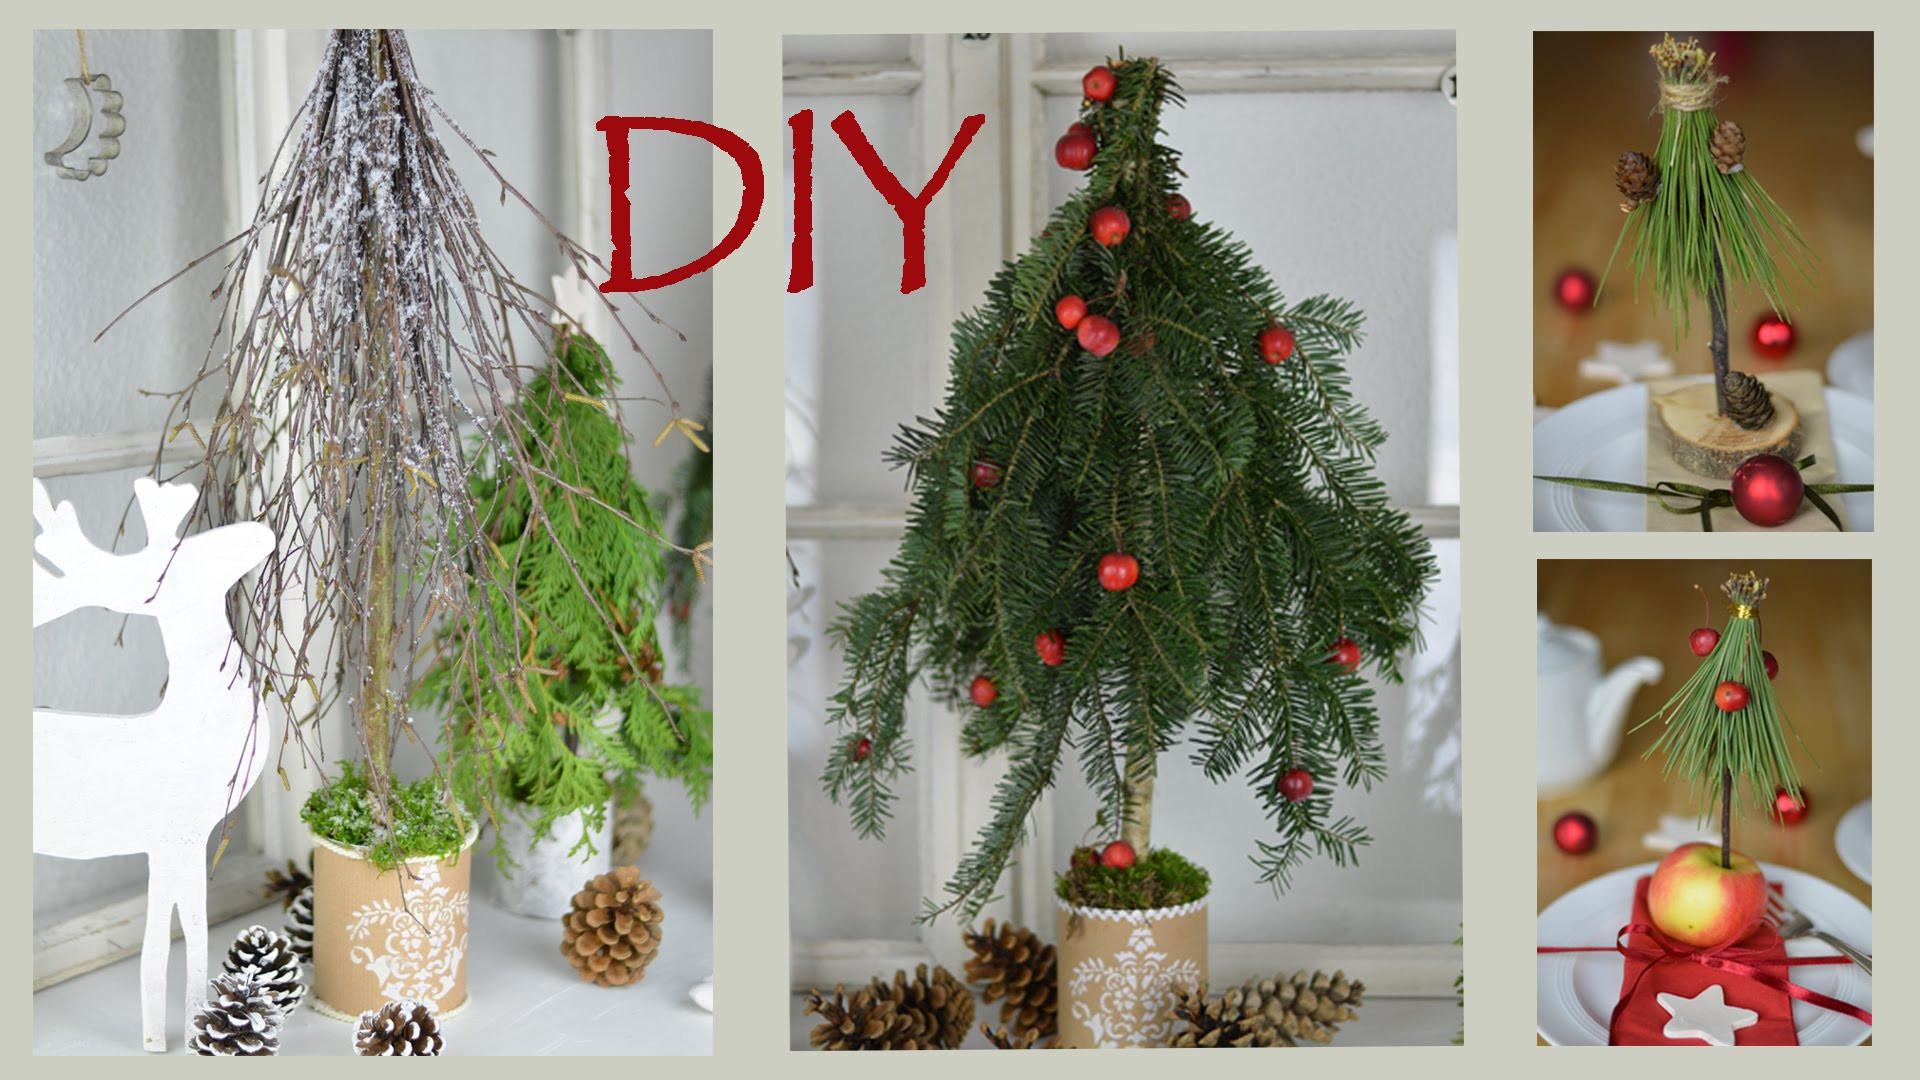 Diy Weihnachtsdeko Fenster  DIY Weihnachtsdeko Selber Machen Bäume Aus Zweigen Und